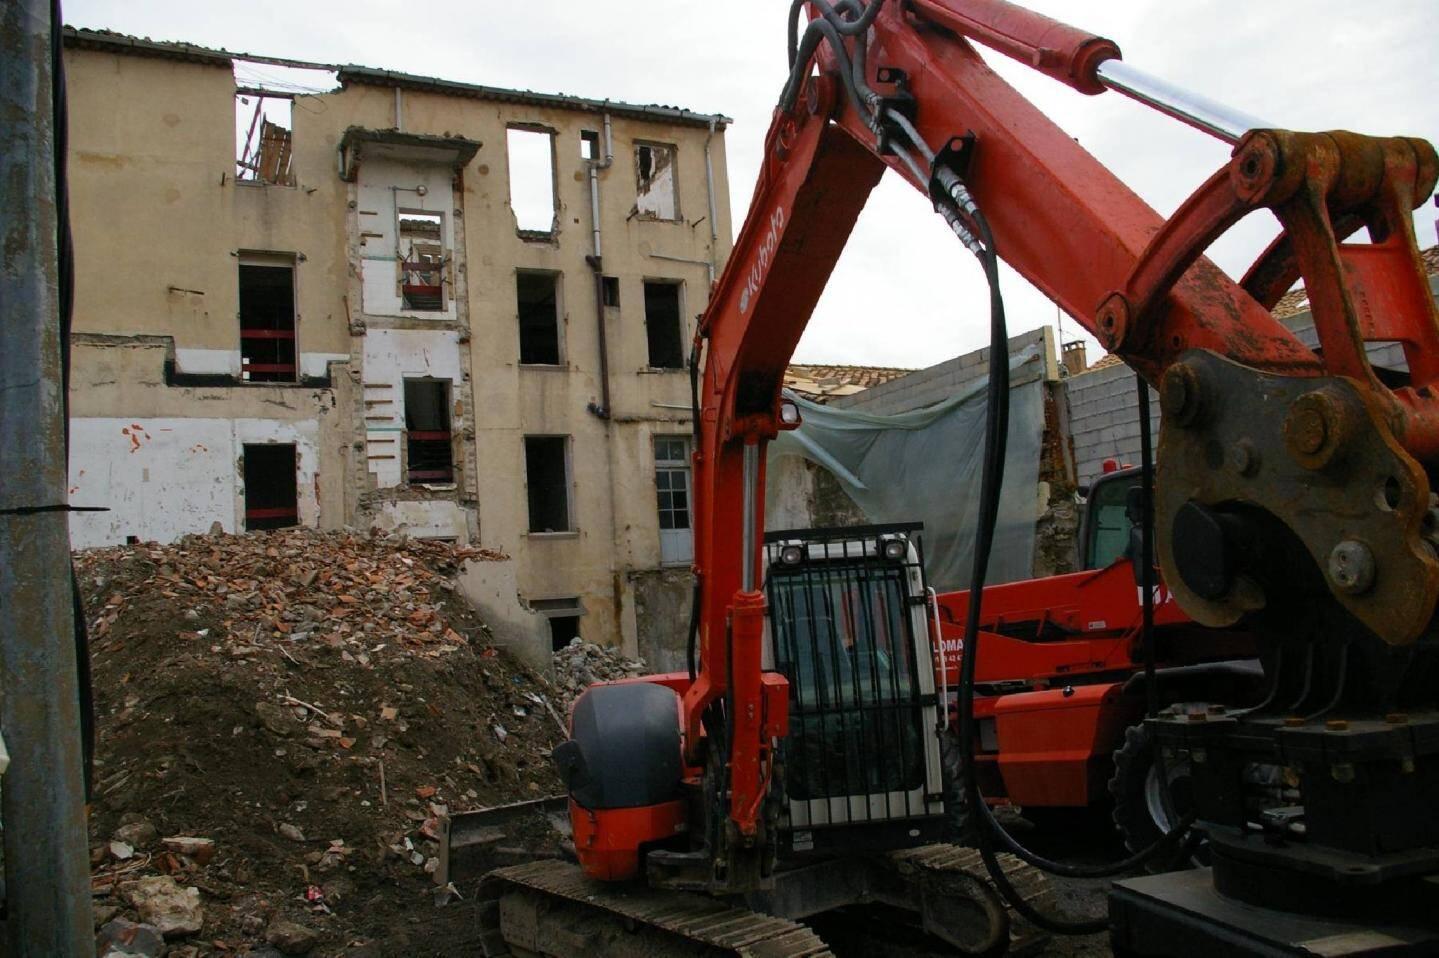 Côté arrière, le chantier bat son plein à l'intérieur de l'édifice, désormais devenur coquille vide.